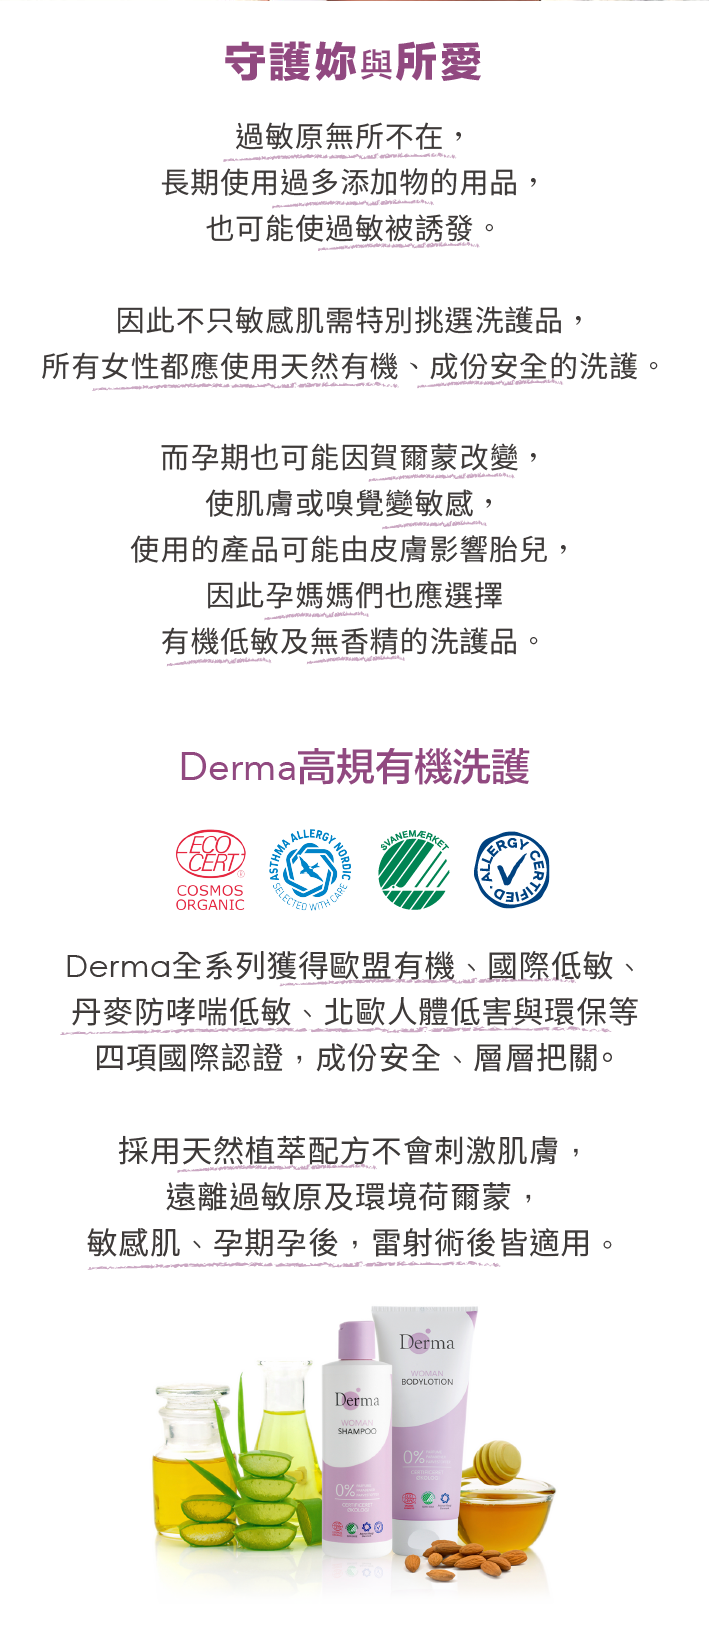 歐盟有機國際低敏防哮喘人體低害環保等國際認證,不刺激皮膚,遠離過敏原,適合敏感肌,孕期孕後,雷射術後皆適用